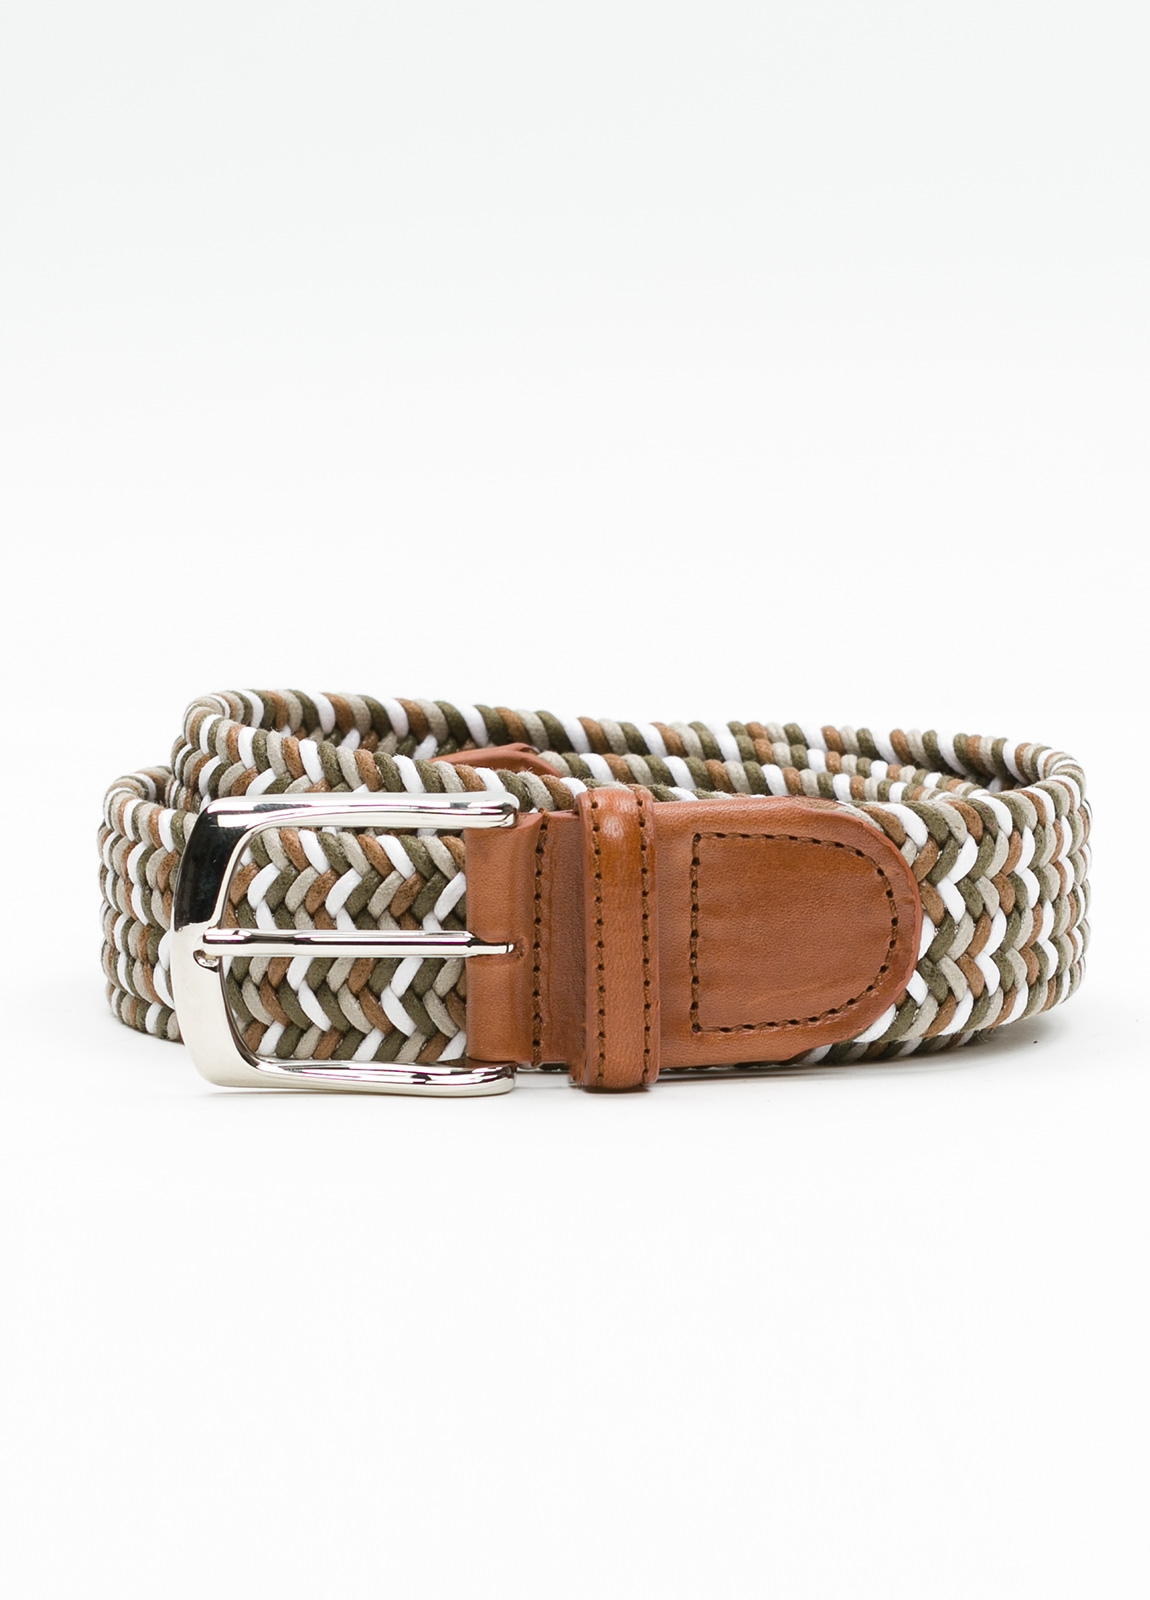 Cinturón Sport trenzado color marrón. Algodón.